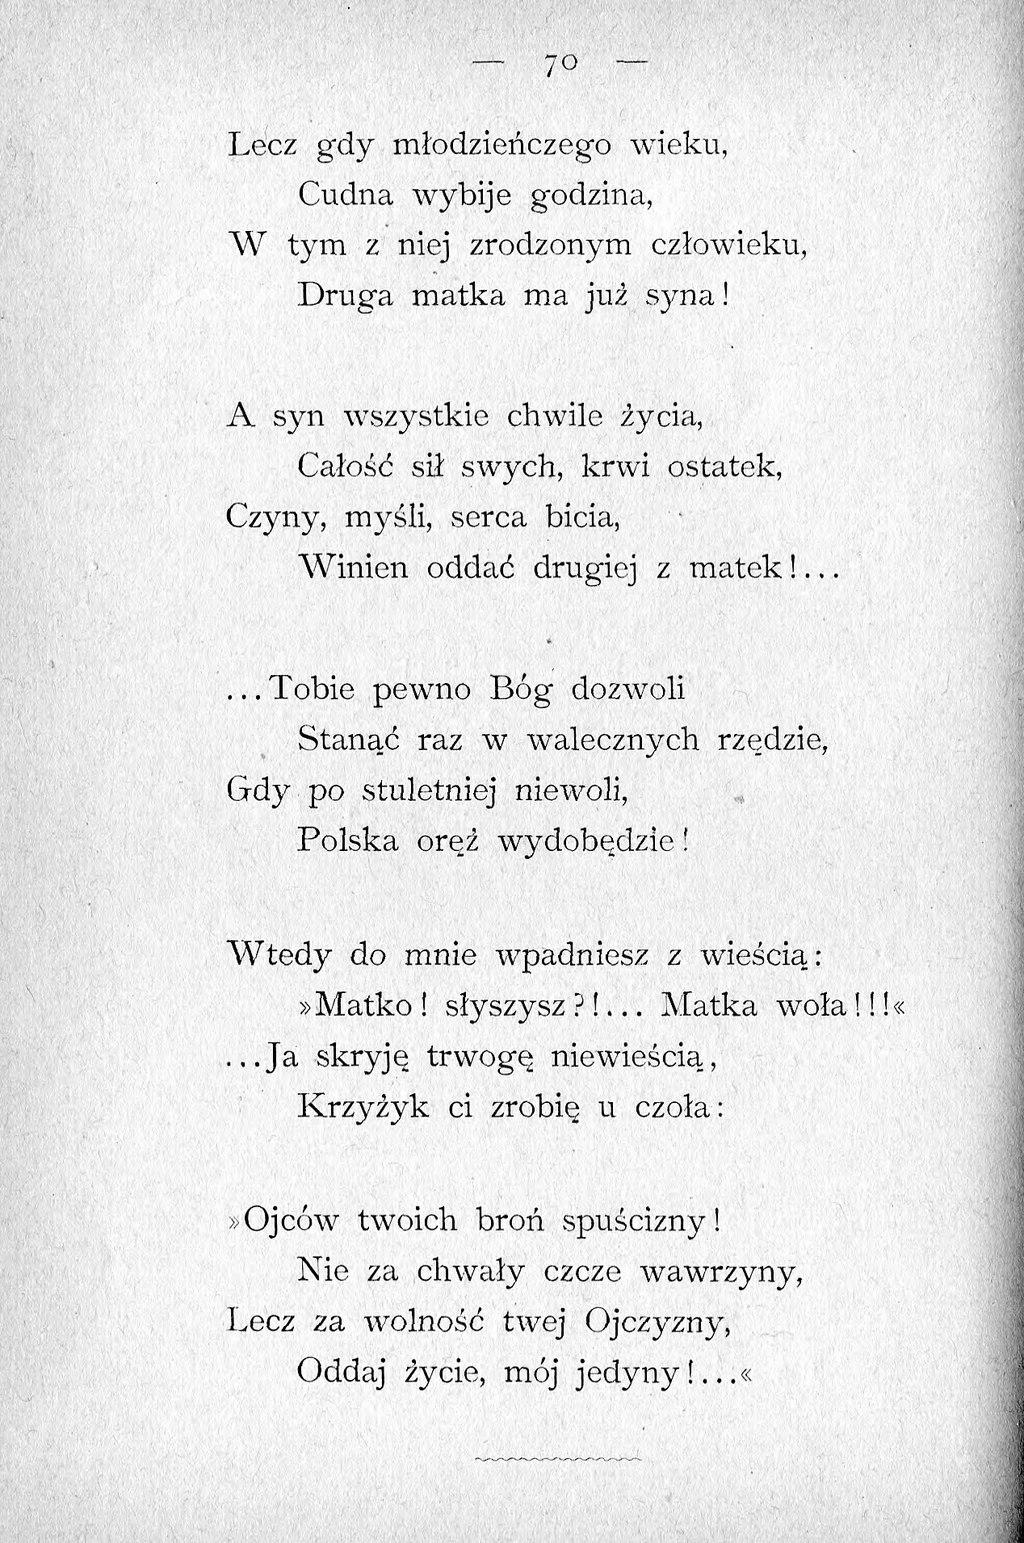 Stronawiersze Ulotne Szembekowadjvu057 Wikiźródła